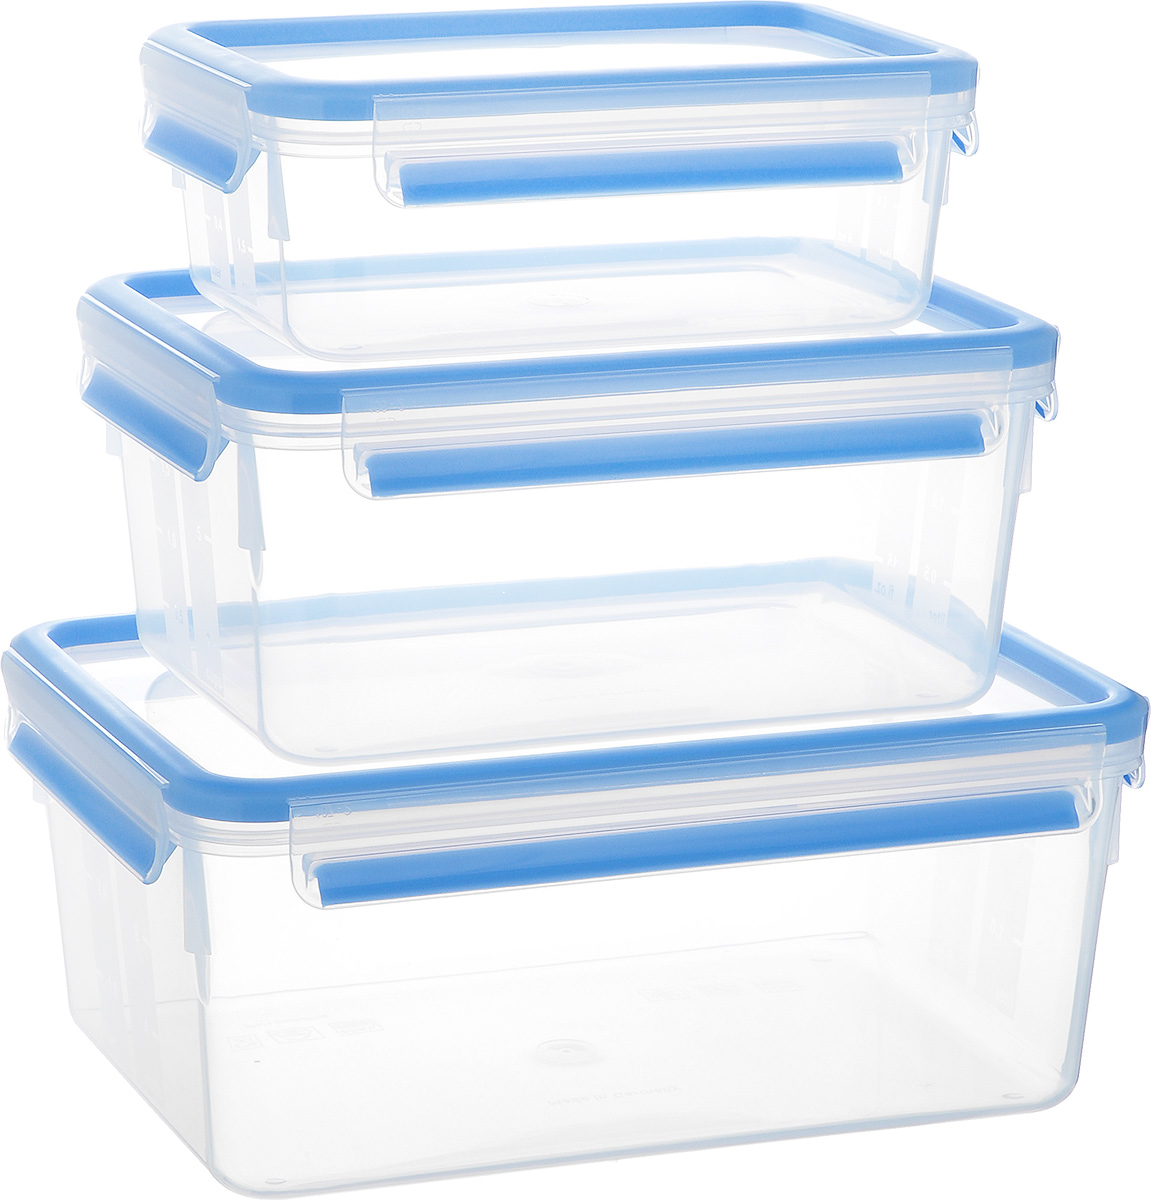 Набор контейнеров Emsa Clip&Close, 3 шт. 508567508567Набор Emsa Clip&Close состоит из трех контейнеров разного объема, изготовленных из высококачественного пищевого пластика, который выдерживает температуру от -40°С до +110°С, не впитывает запахи и не изменяет цвет. Это абсолютно гигиеничный продукт, который подходит для хранения даже детского питания. Изделия снабжены крышками, плотно закрывающимися на 4 защелки. Герметичность достигается за счет специальных силиконовых прослоек, которые позволяют использовать контейнер для хранения не только пищи, но и напитков. В таком контейнере продукты долгое время сохраняют свою свежесть. Прозрачные стенки позволяют просматривать содержимое. Сбоку имеются отметки литража. Изделия подходят для домашнего использования, для пикников, поездок, такие контейнеры удобно брать с собой на работу или учебу. Можно использовать в СВЧ-печах, холодильниках, посудомоечных машинах, морозильных камерах. Объем контейнеров: 1 л, 2,3 л, 3,7 л. Размер контейнеров: 19 см х 13 см х 7 см; 22 см х 16 см х 10 см; 26 см х 19 см х 11 см.